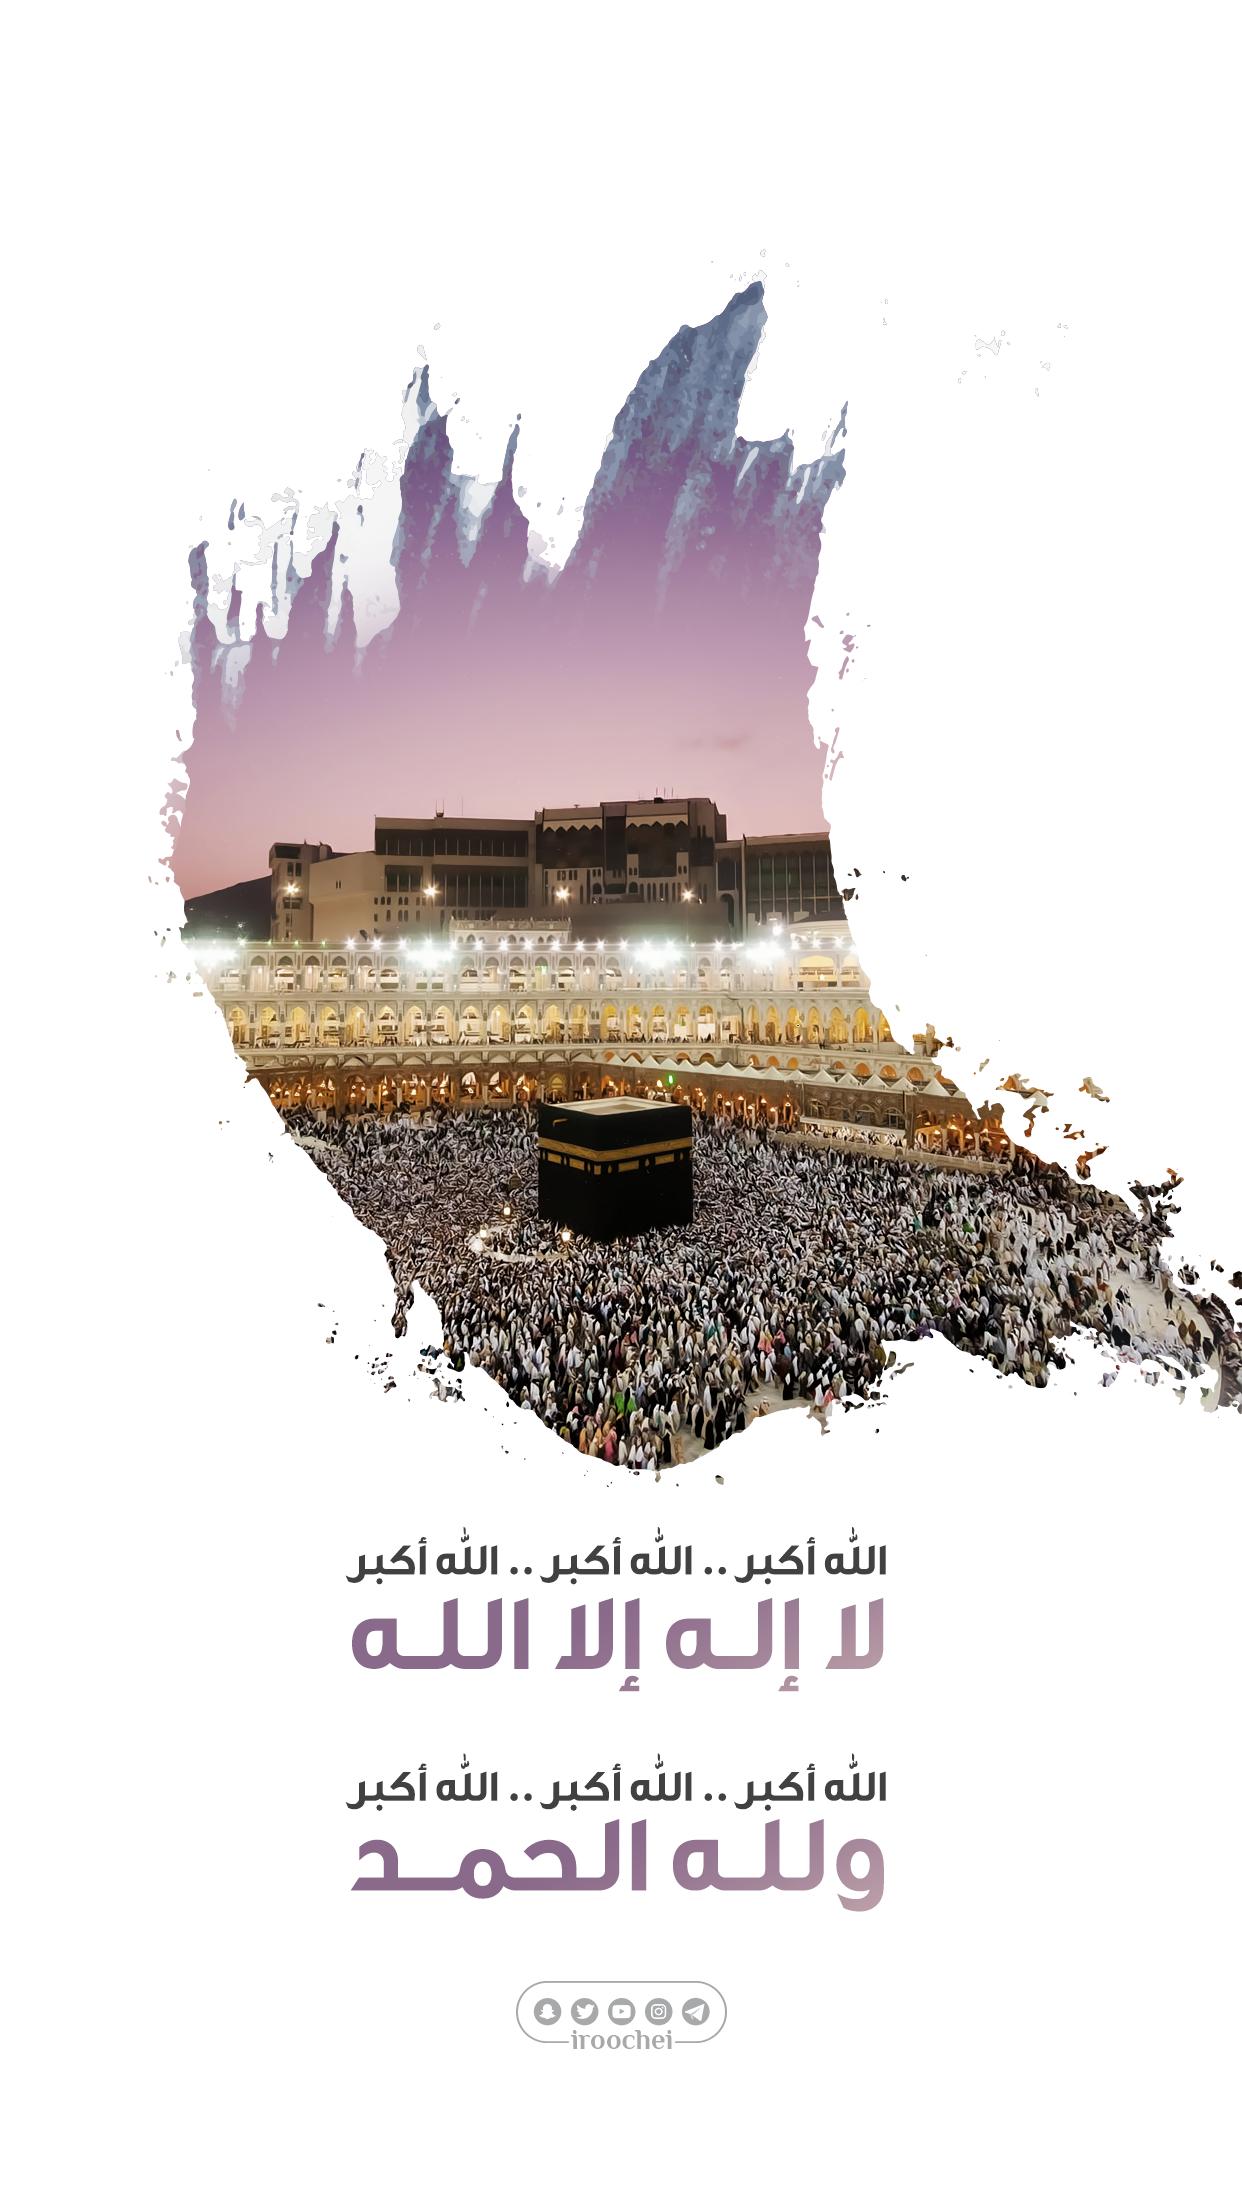 الله أكبر الله أكبر الله أكبر لا إله إلا الله Beautiful Quran Quotes Islamic Posters Islamic Pictures